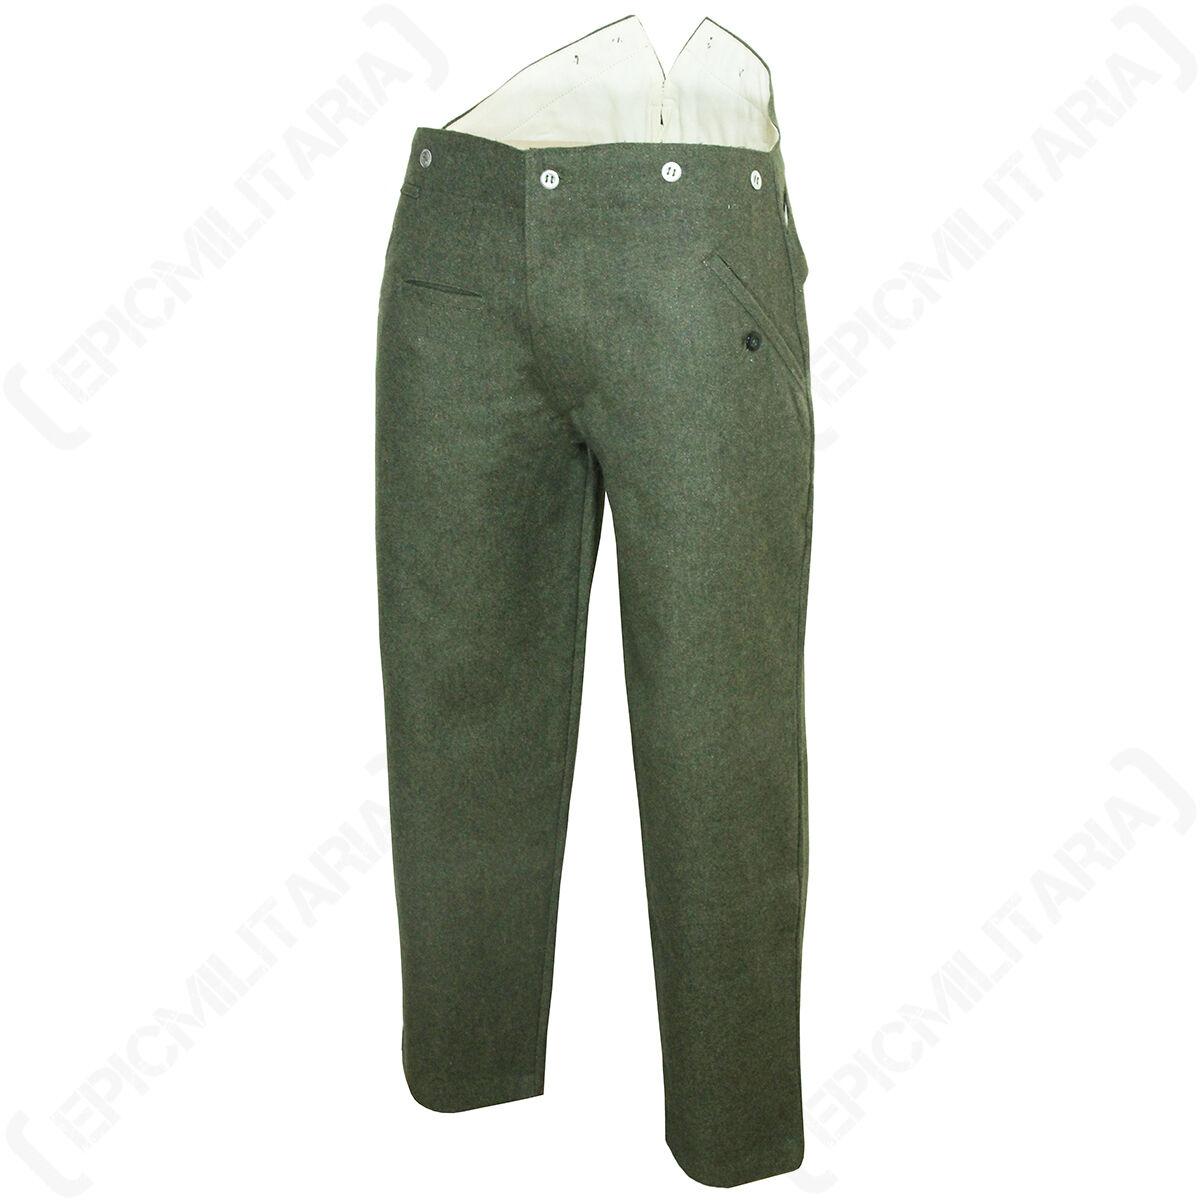 WW1 Deutsche M15 Hose - Reproduktion Militär Armee Uniform Hose green grey Wolle